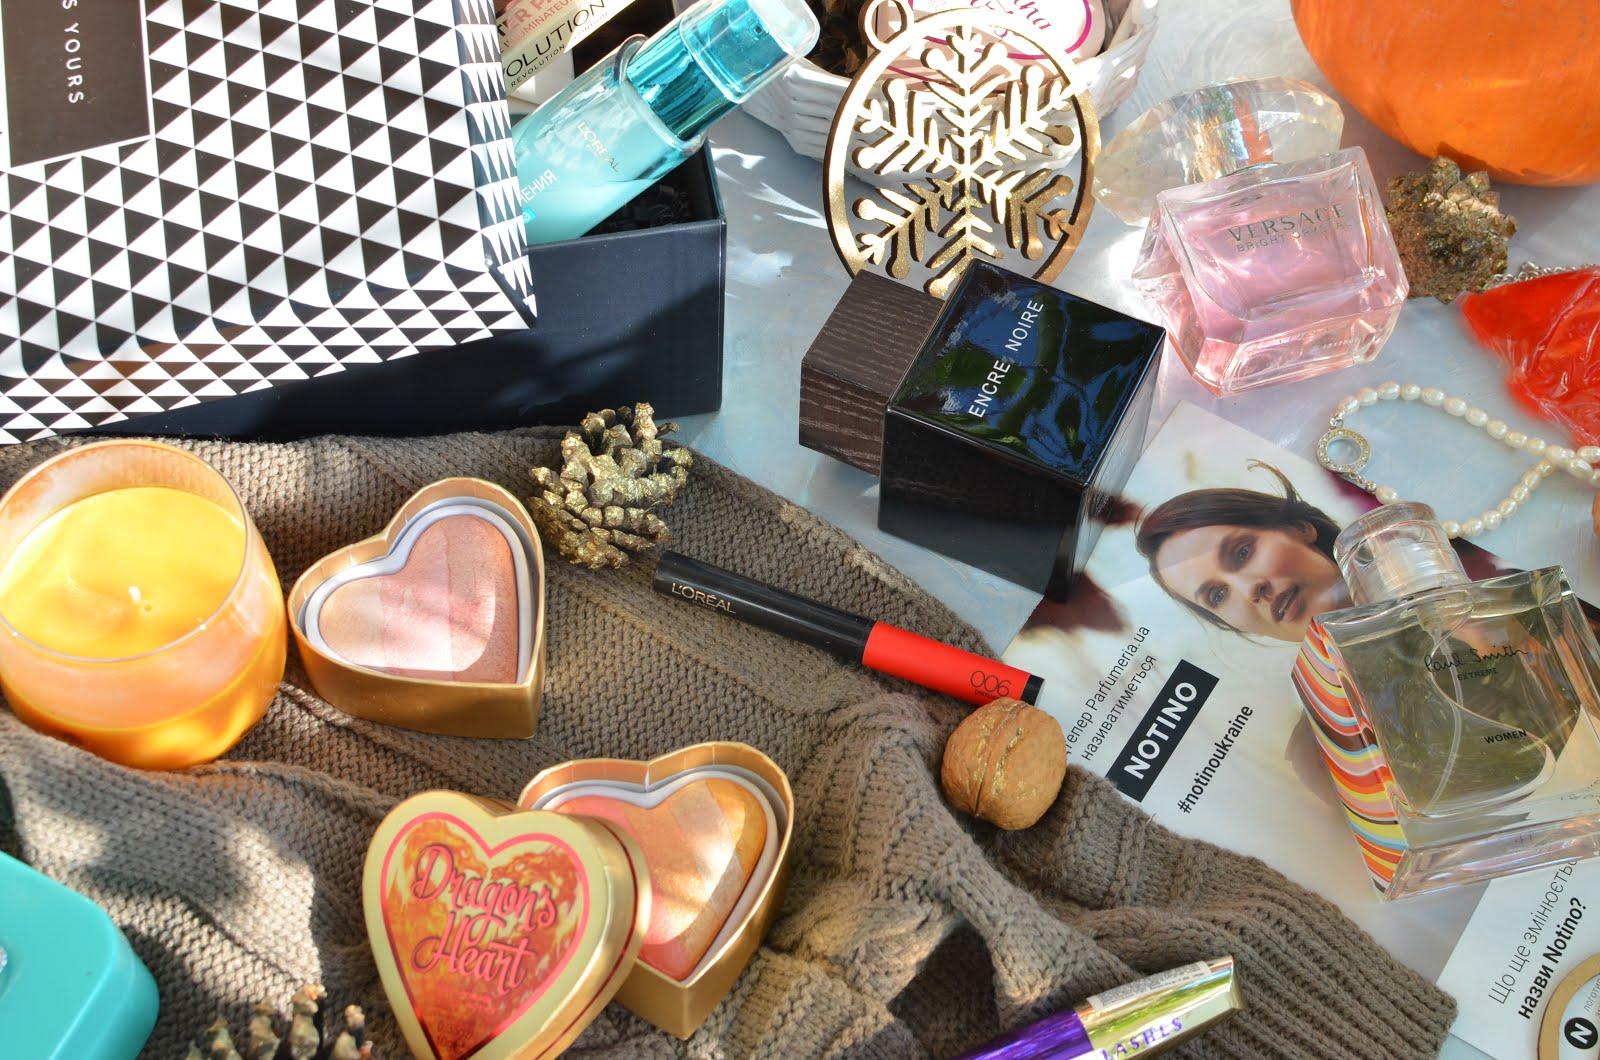 1001 косметика и парфюм купить в новосибирске 94274 эйвон